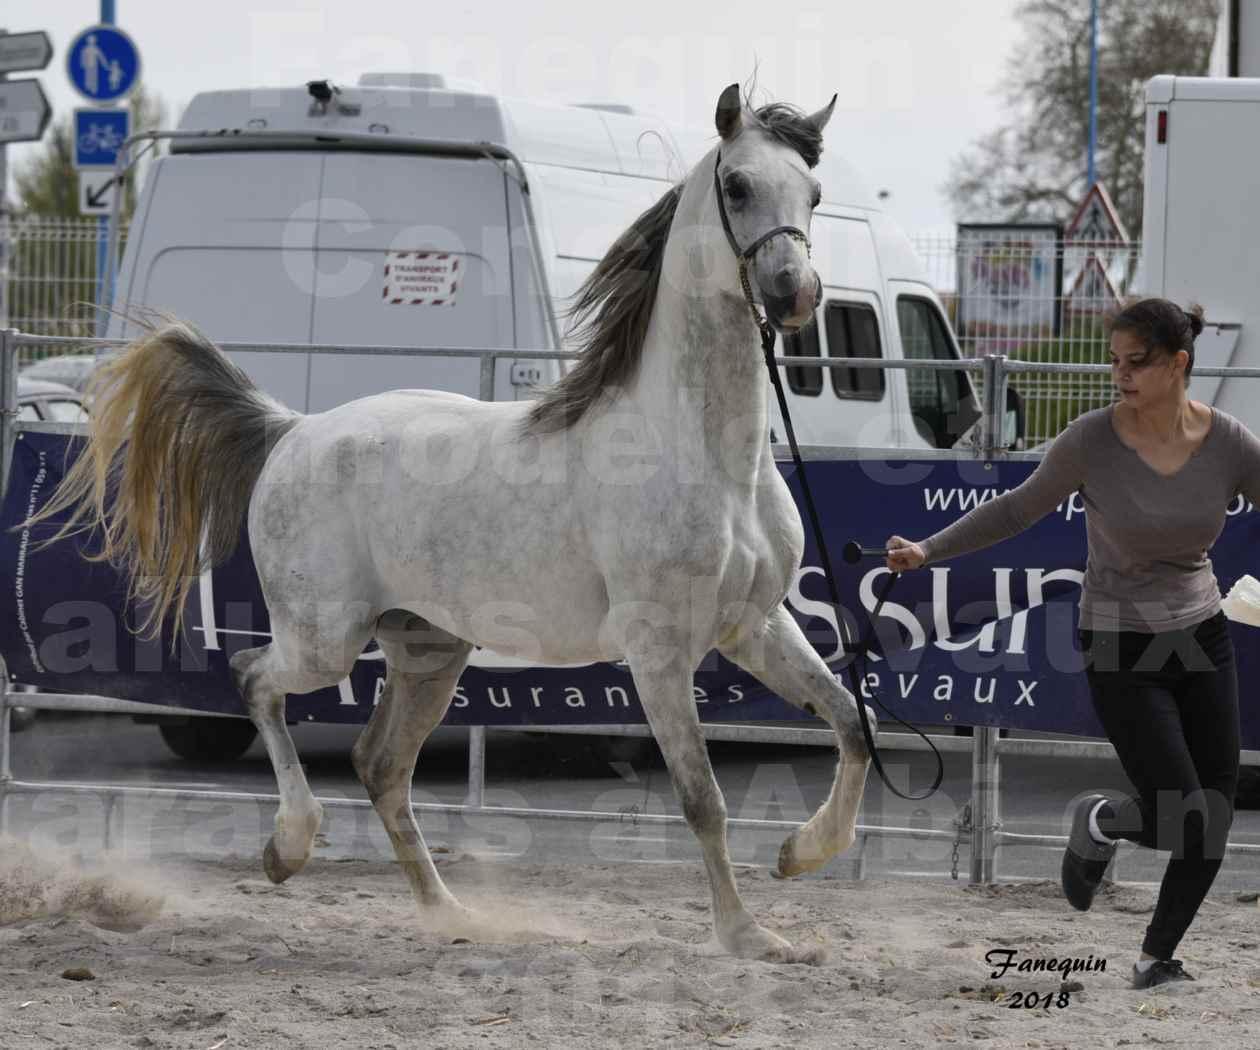 Concours d'élevage de Chevaux Arabes - Demi Sang Arabes - Anglo Arabes - ALBI les 6 & 7 Avril 2018 - FADI ALBIDAYER - Notre Sélection - 02